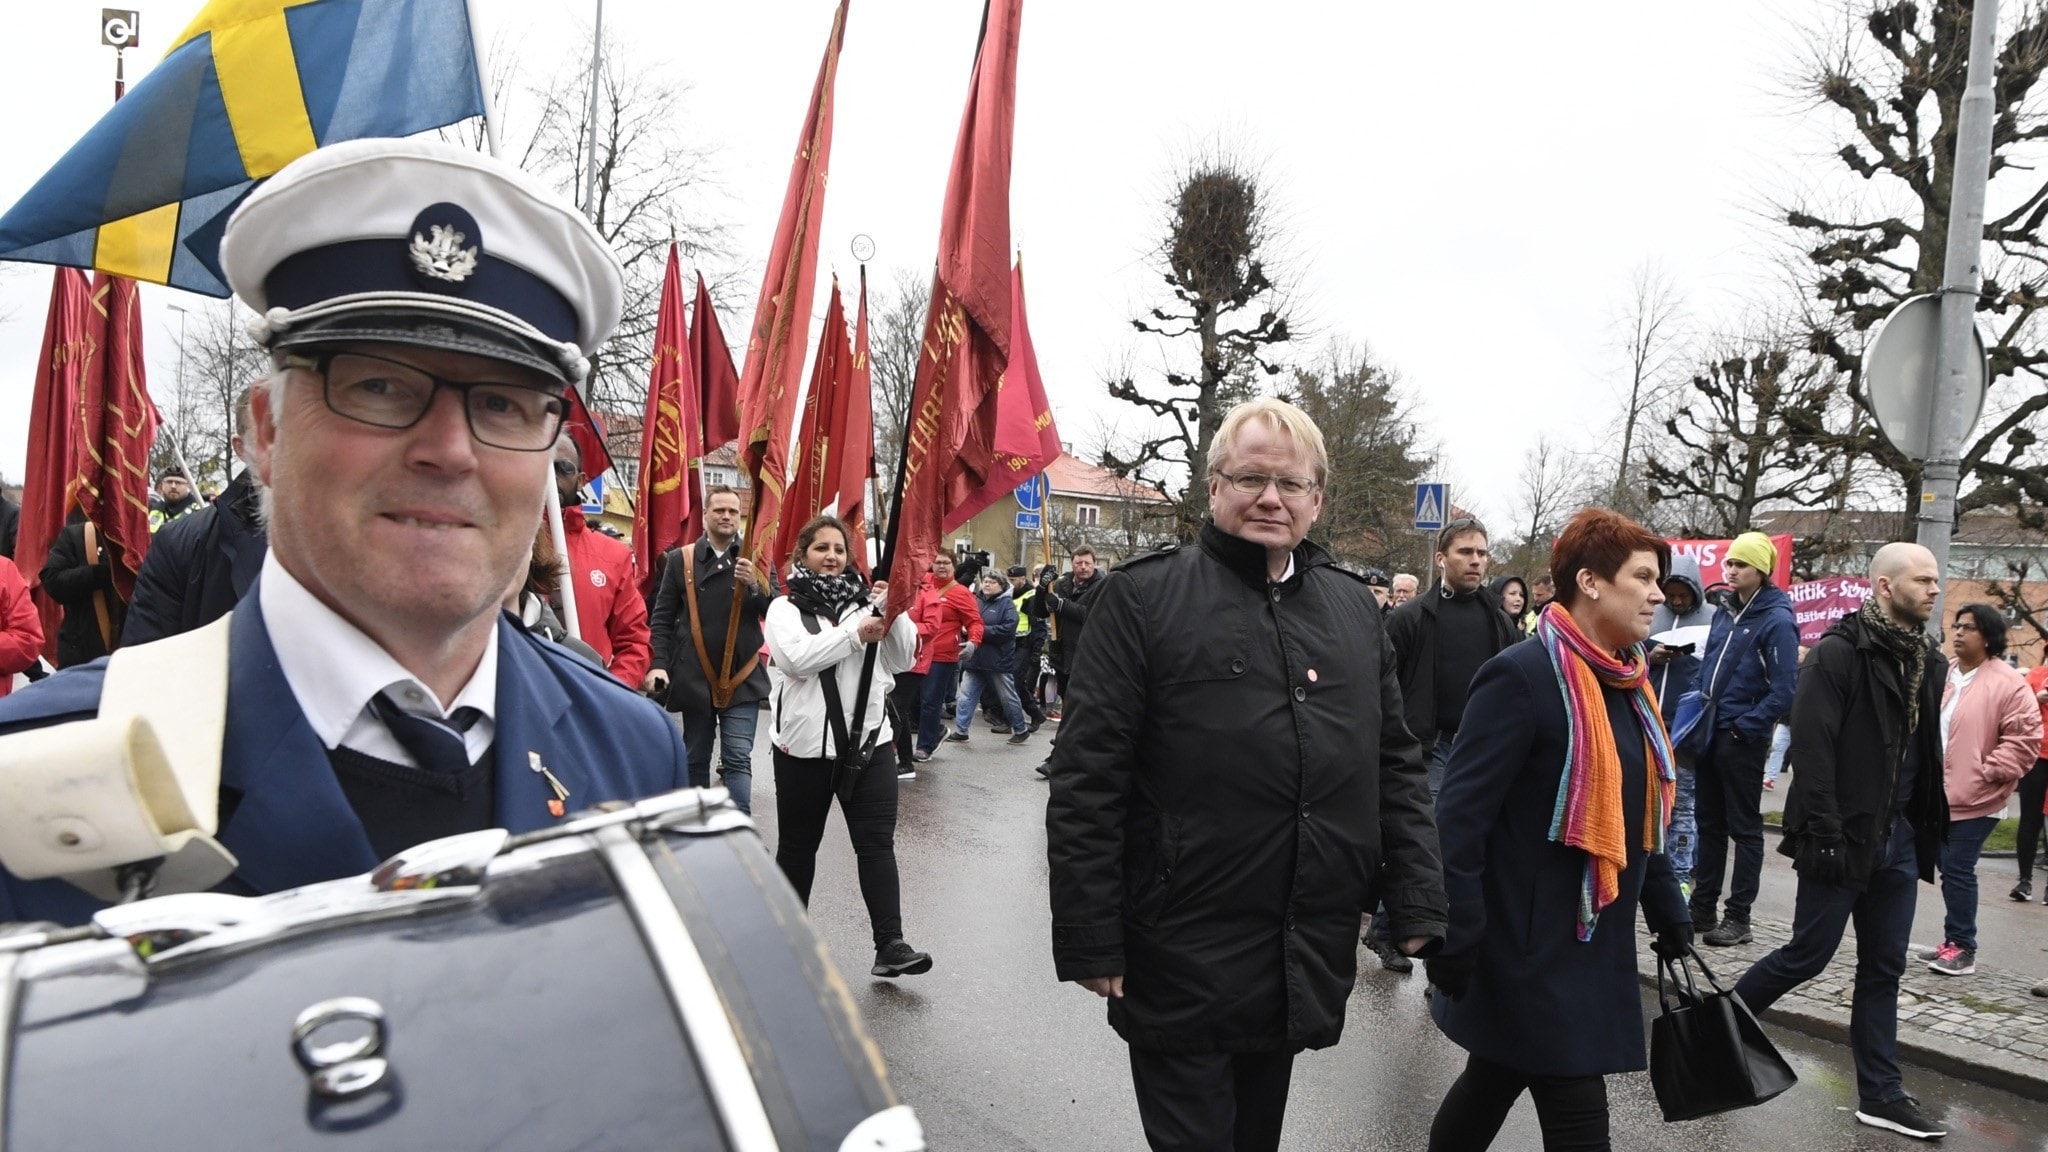 På fotot syns röda flaggor och en trumslagare klädd i blå uniform. I mitten går Peter Hultqvist, klädd i kostym.